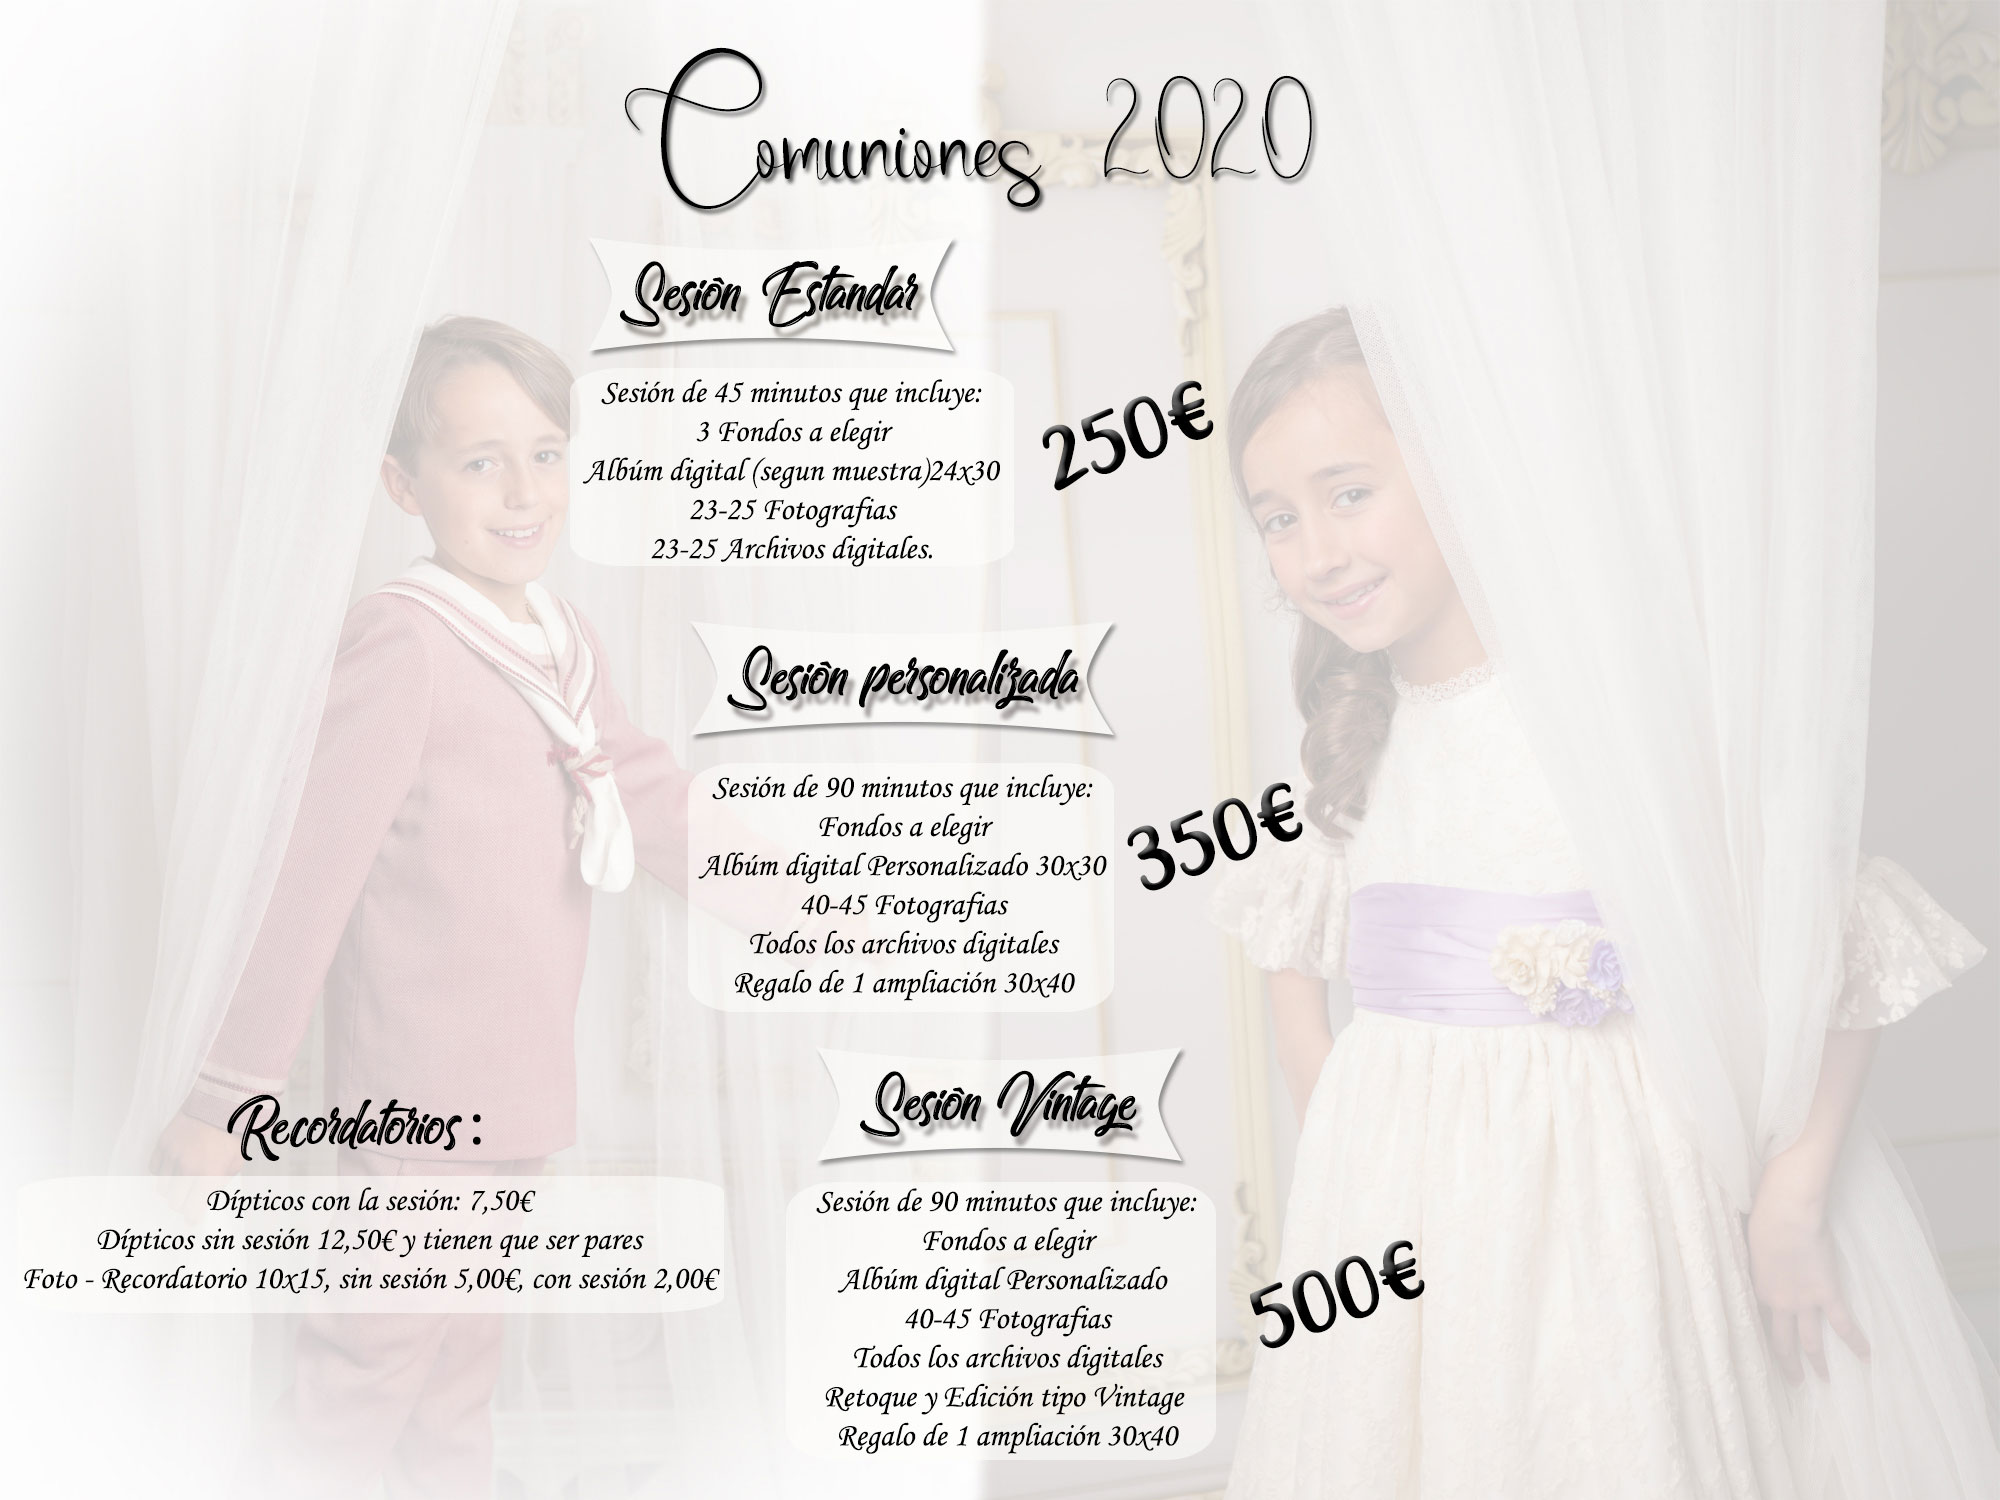 comuniones-2020-bjfotografia